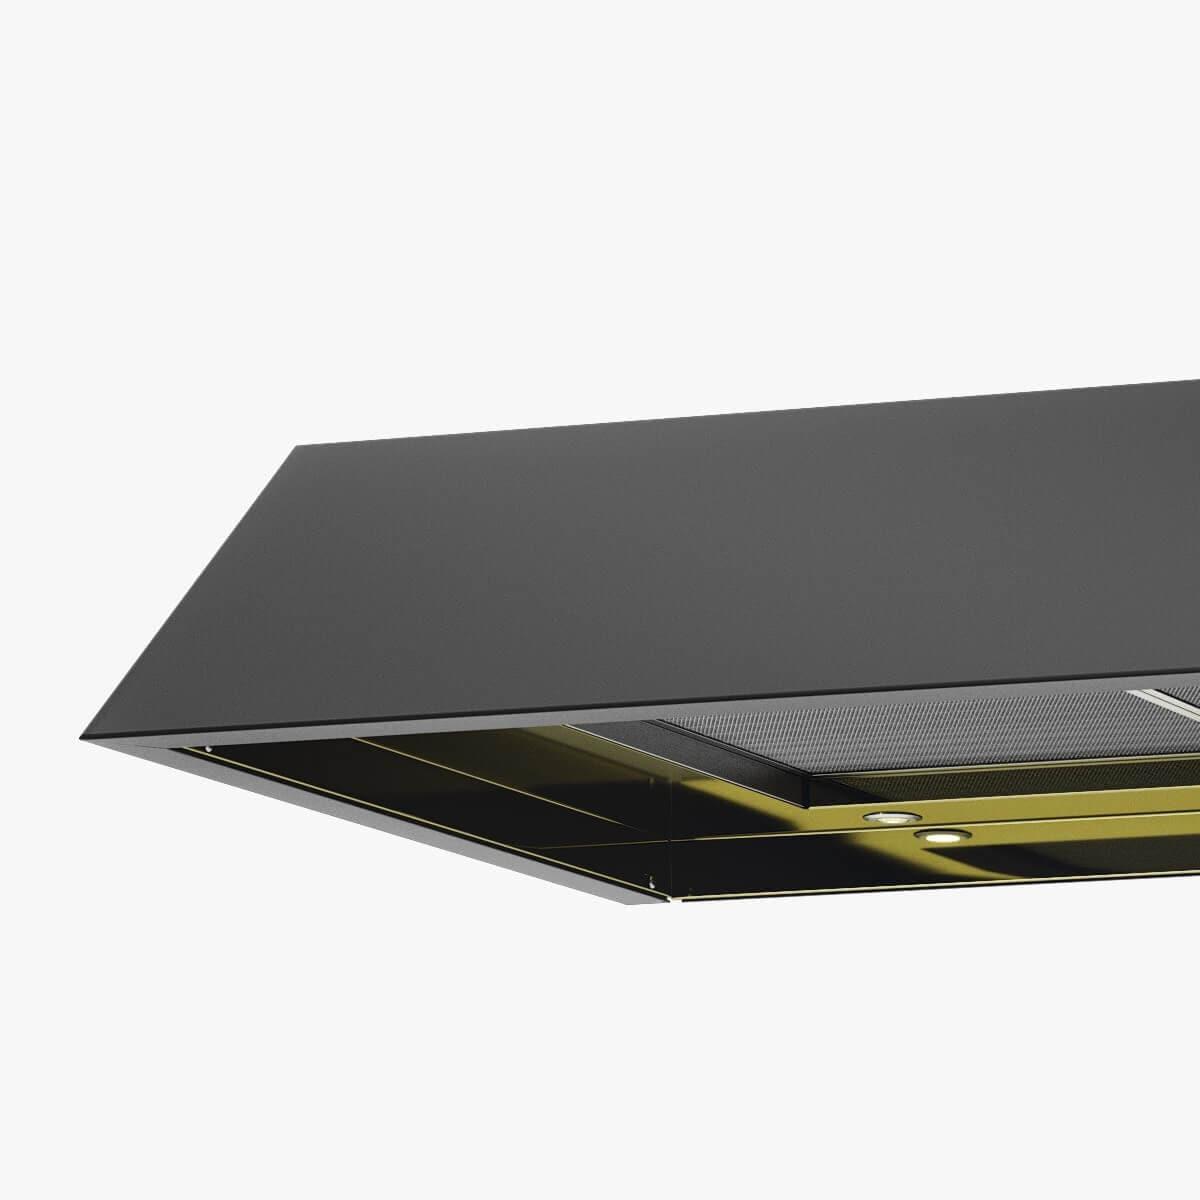 Detaljer på underbyggnadsfläkten Accent i svartoxiderad metall med undersida i mässing.